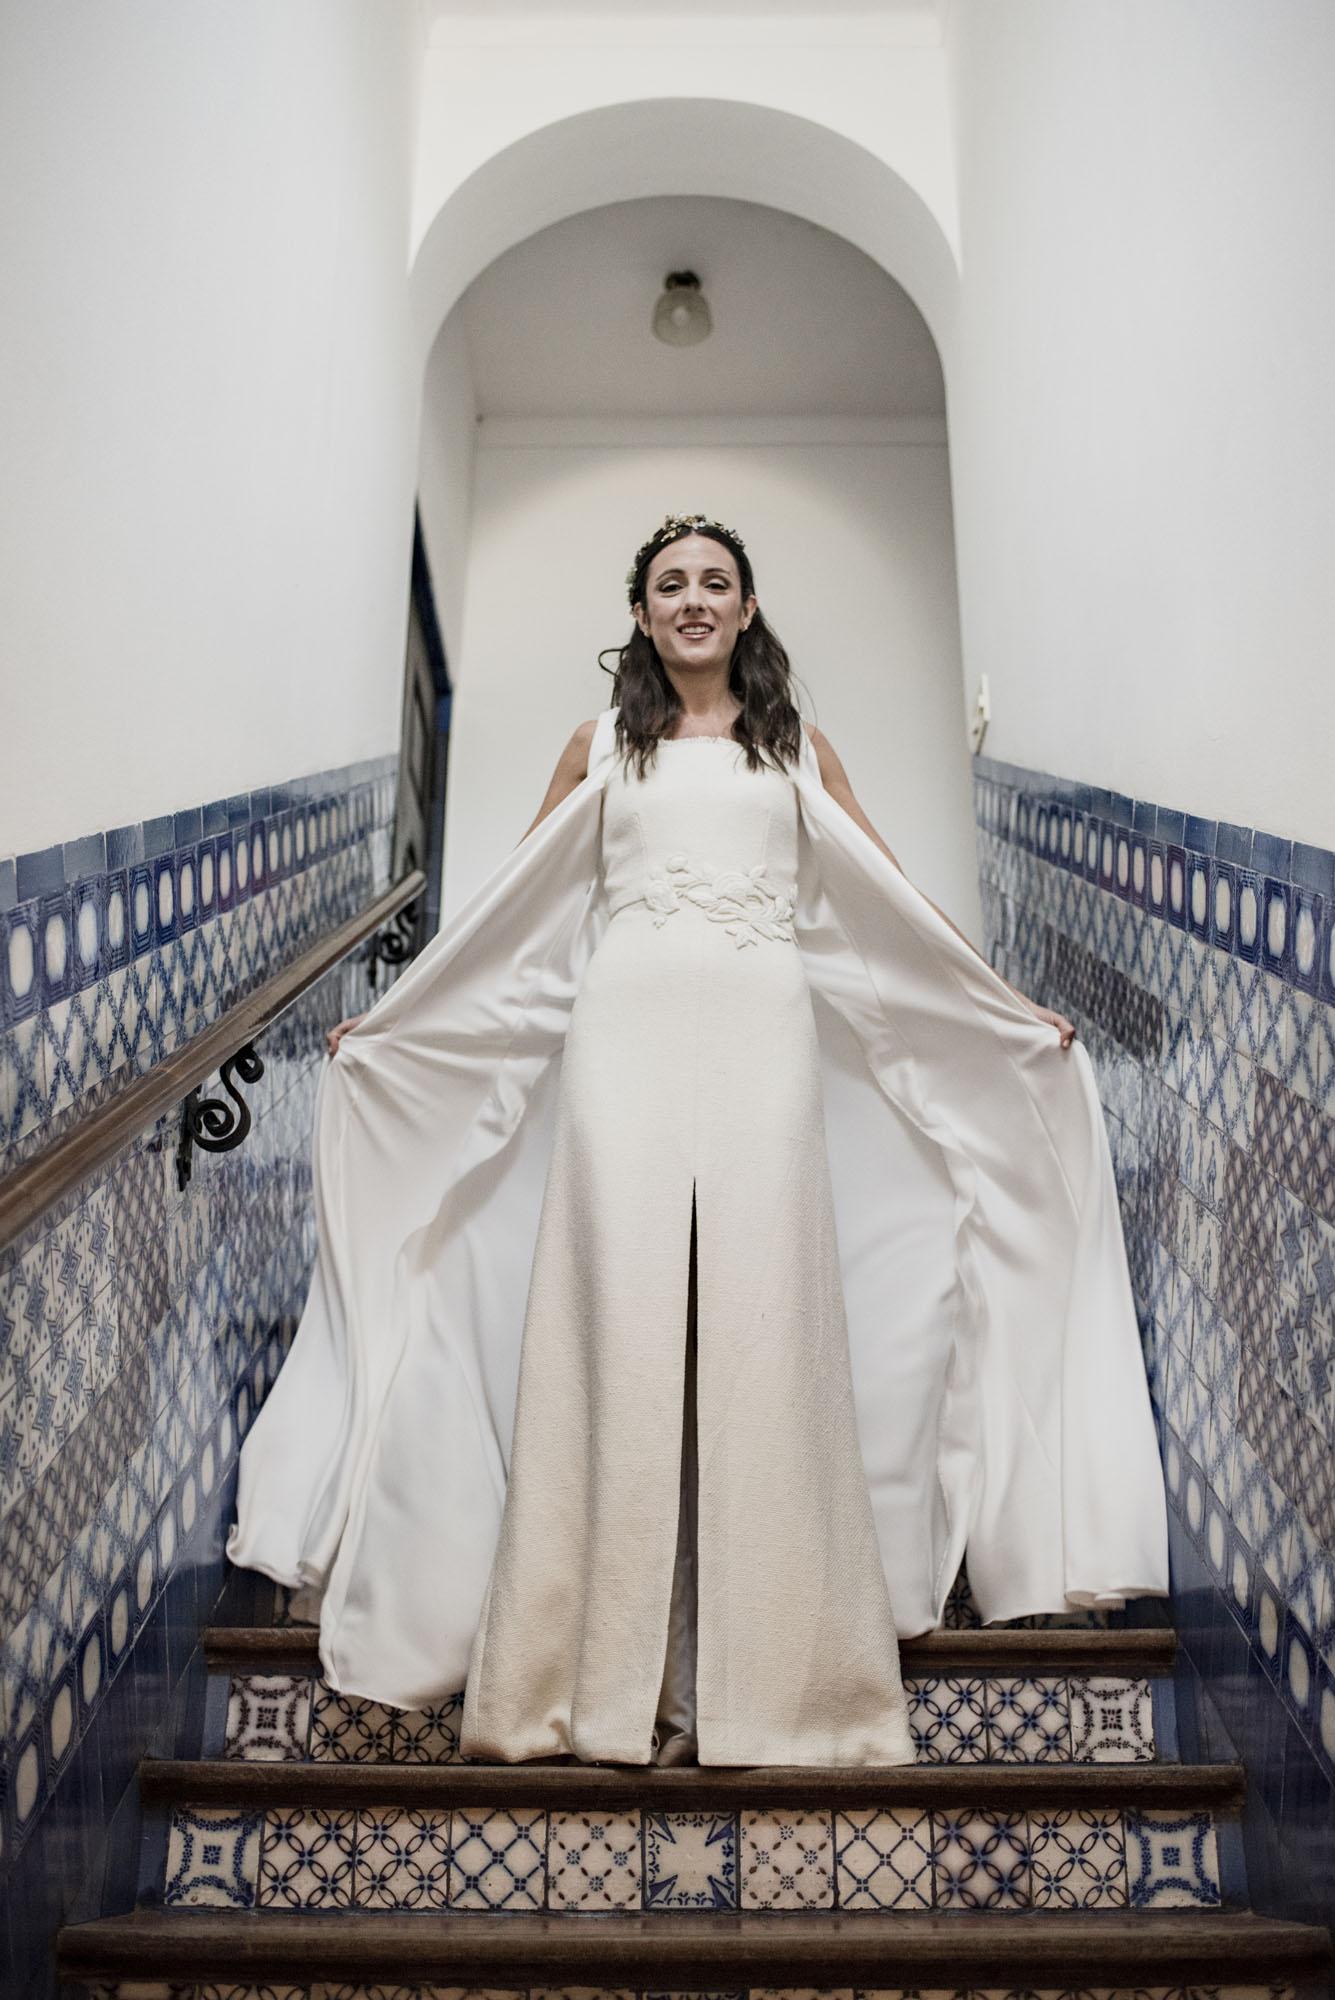 Un casamiento en una estancia argentina vestido de novia Lucrecia Grassi